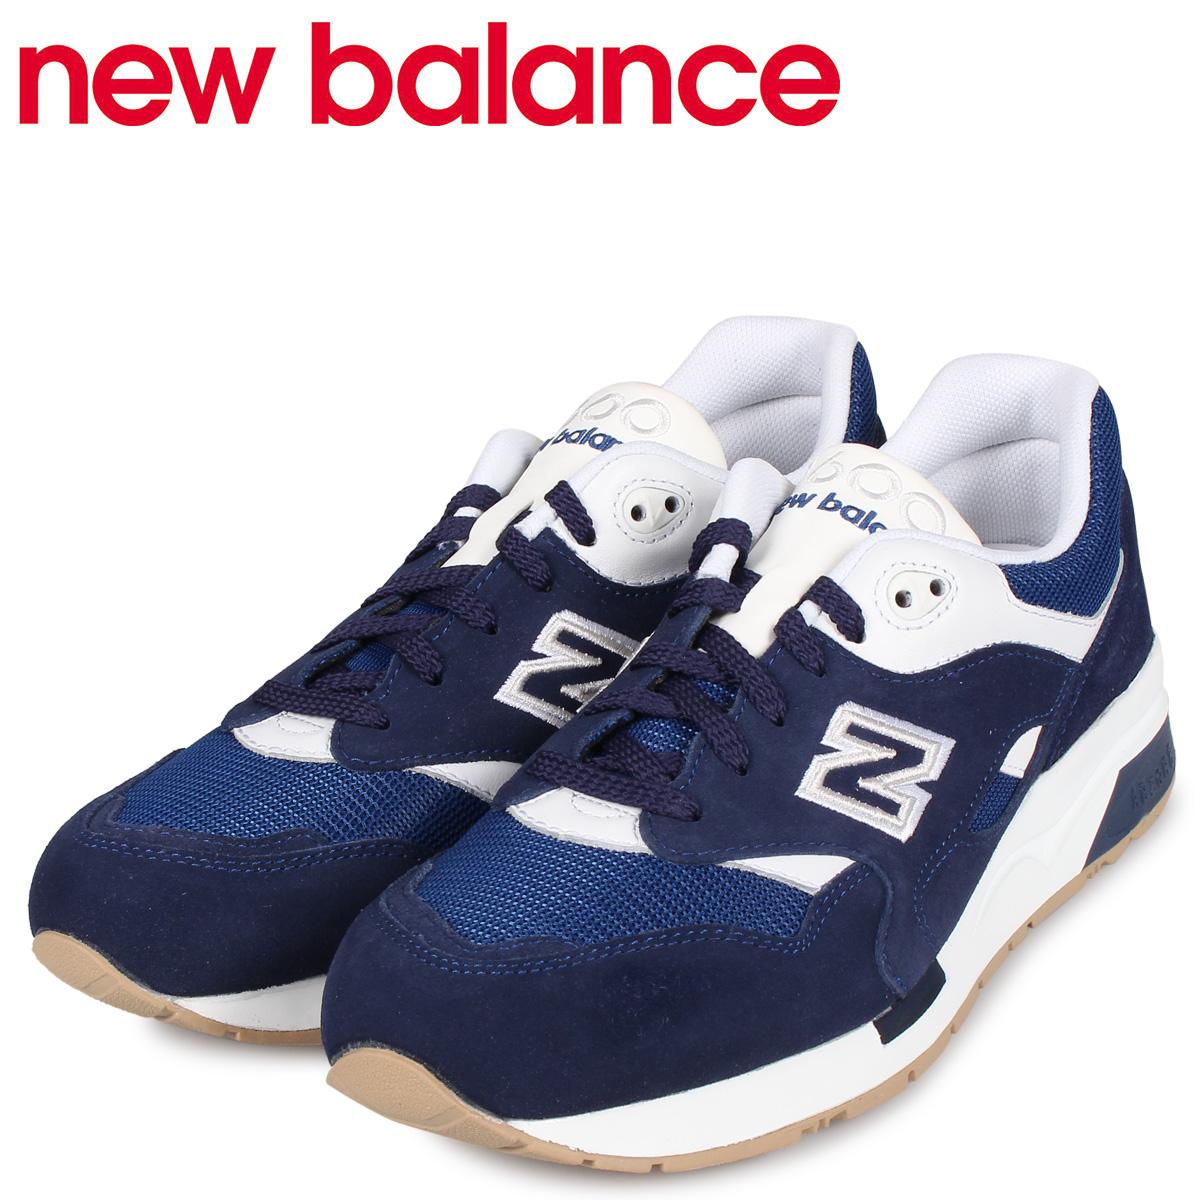 new balance ニューバランス 1600 スニーカー メンズ Dワイズ ブルー CM1600FG